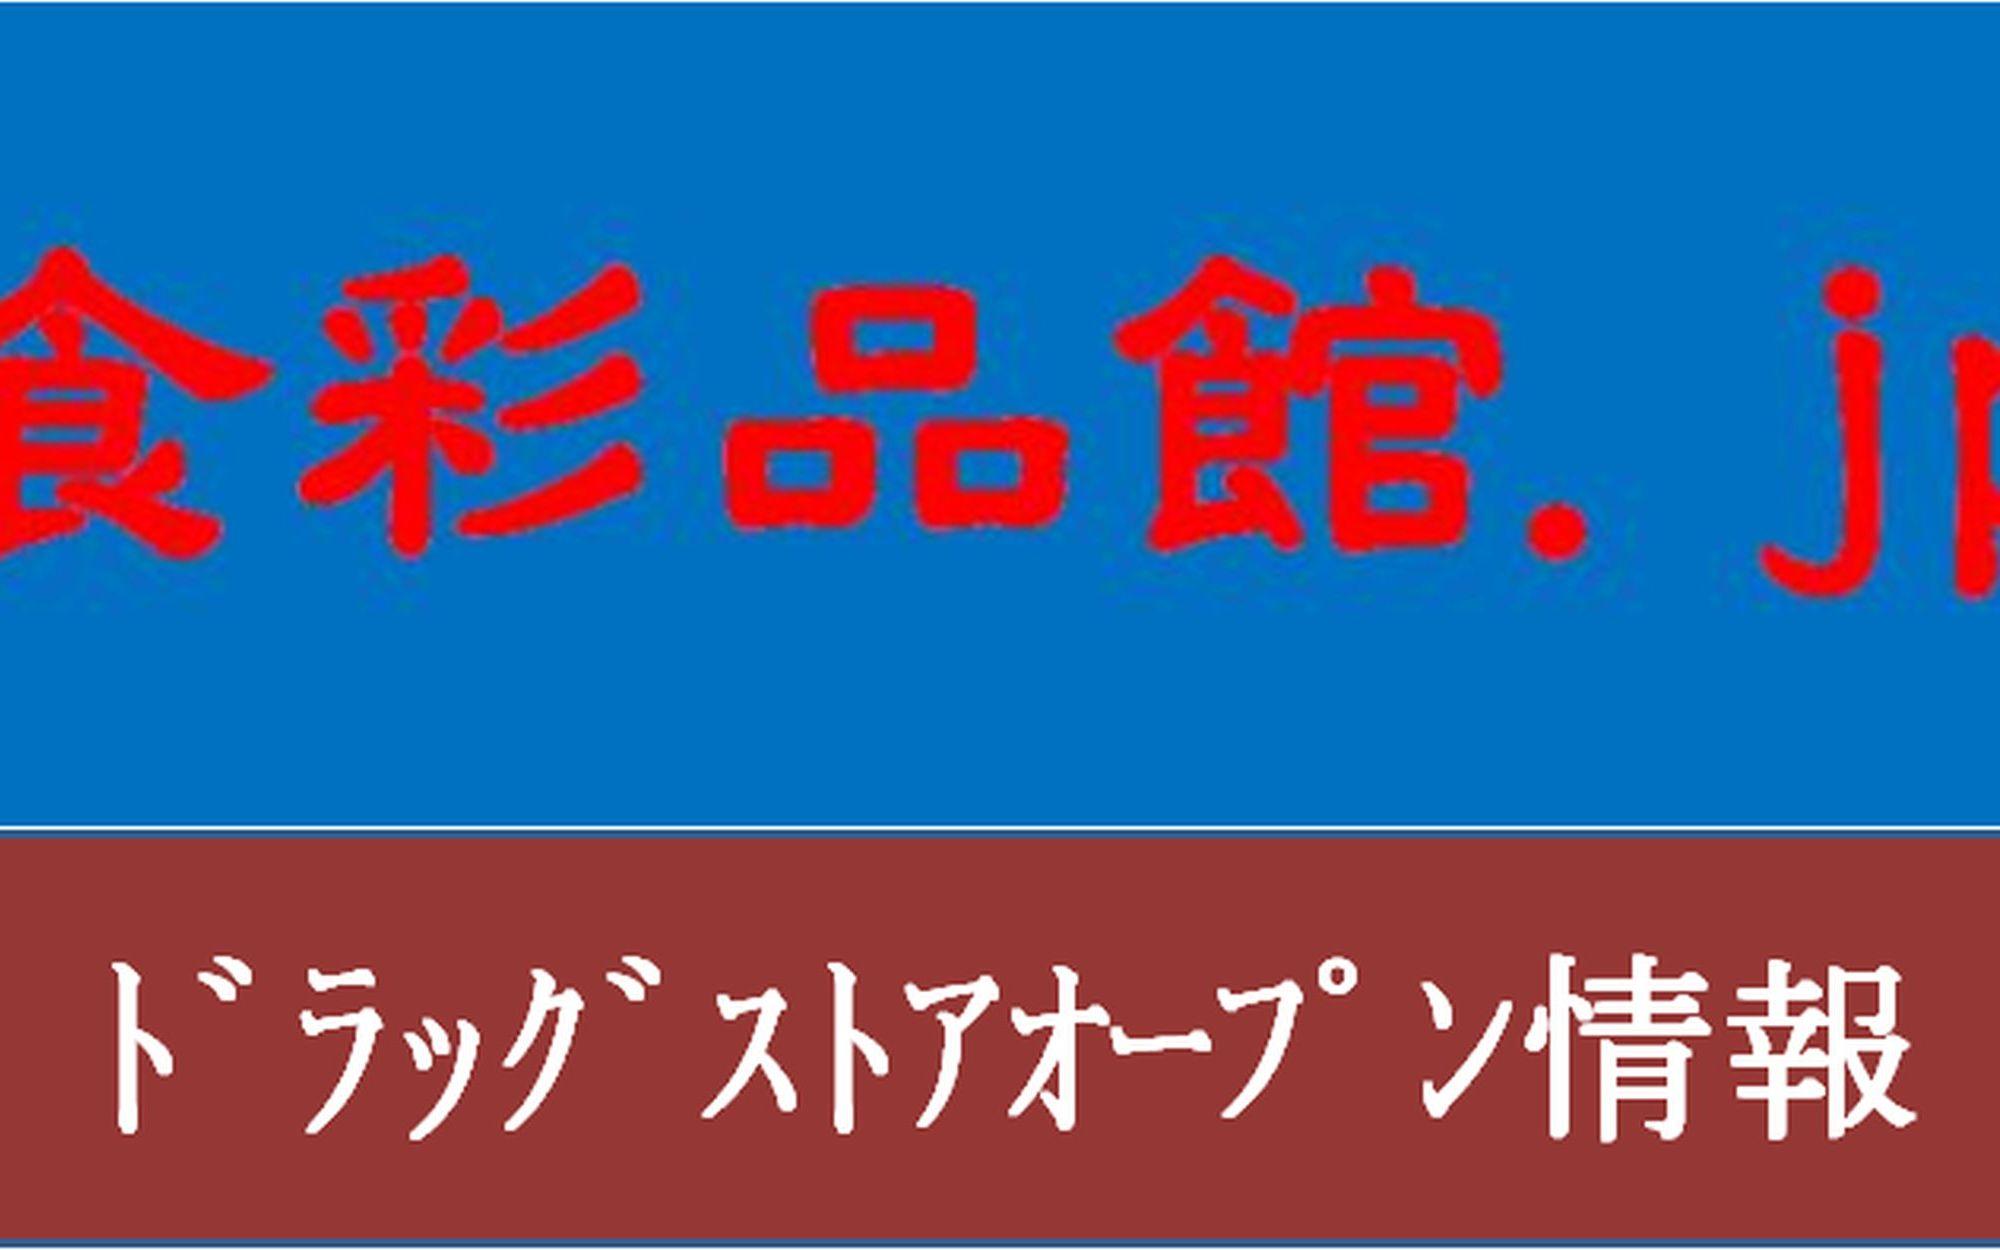 クリエイトエス・ディー我孫子天王台商業施設 (千葉県我孫子市)2020年5月1日オープン予定で大店立地届出